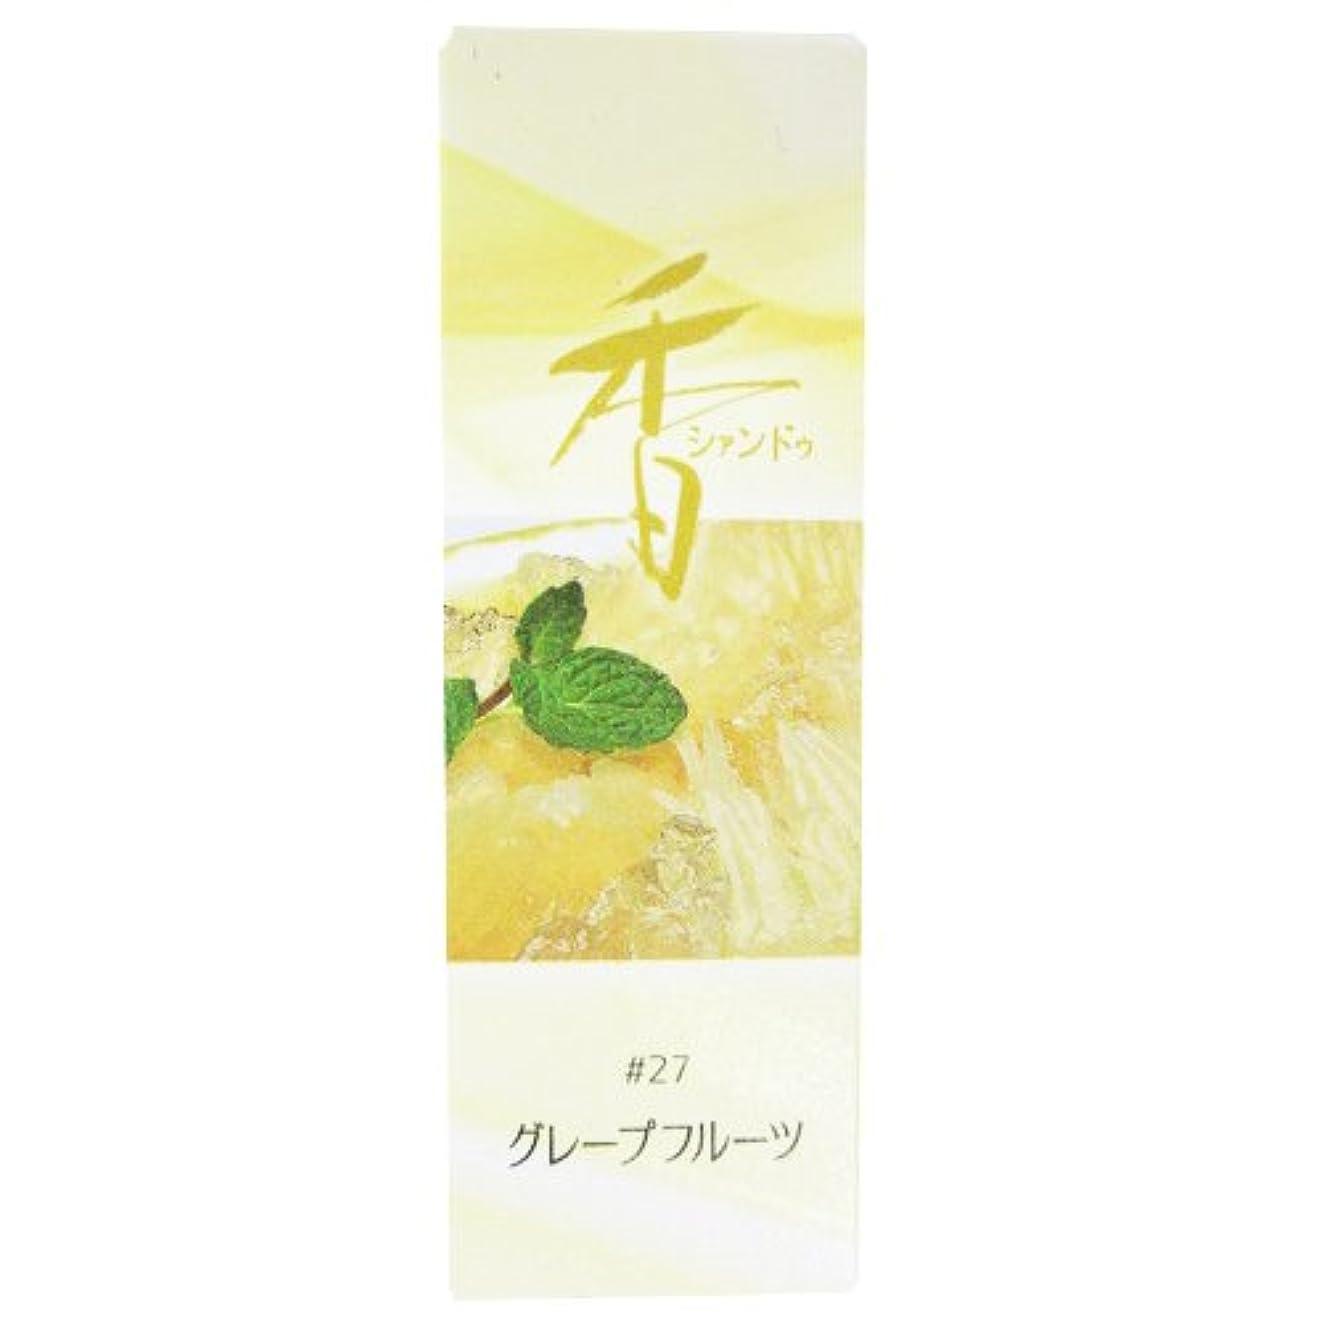 親虫を数えるカタログ松栄堂のお香 Xiang Do(シャンドゥ) グレープフルーツ ST20本入 簡易香立付 #214227